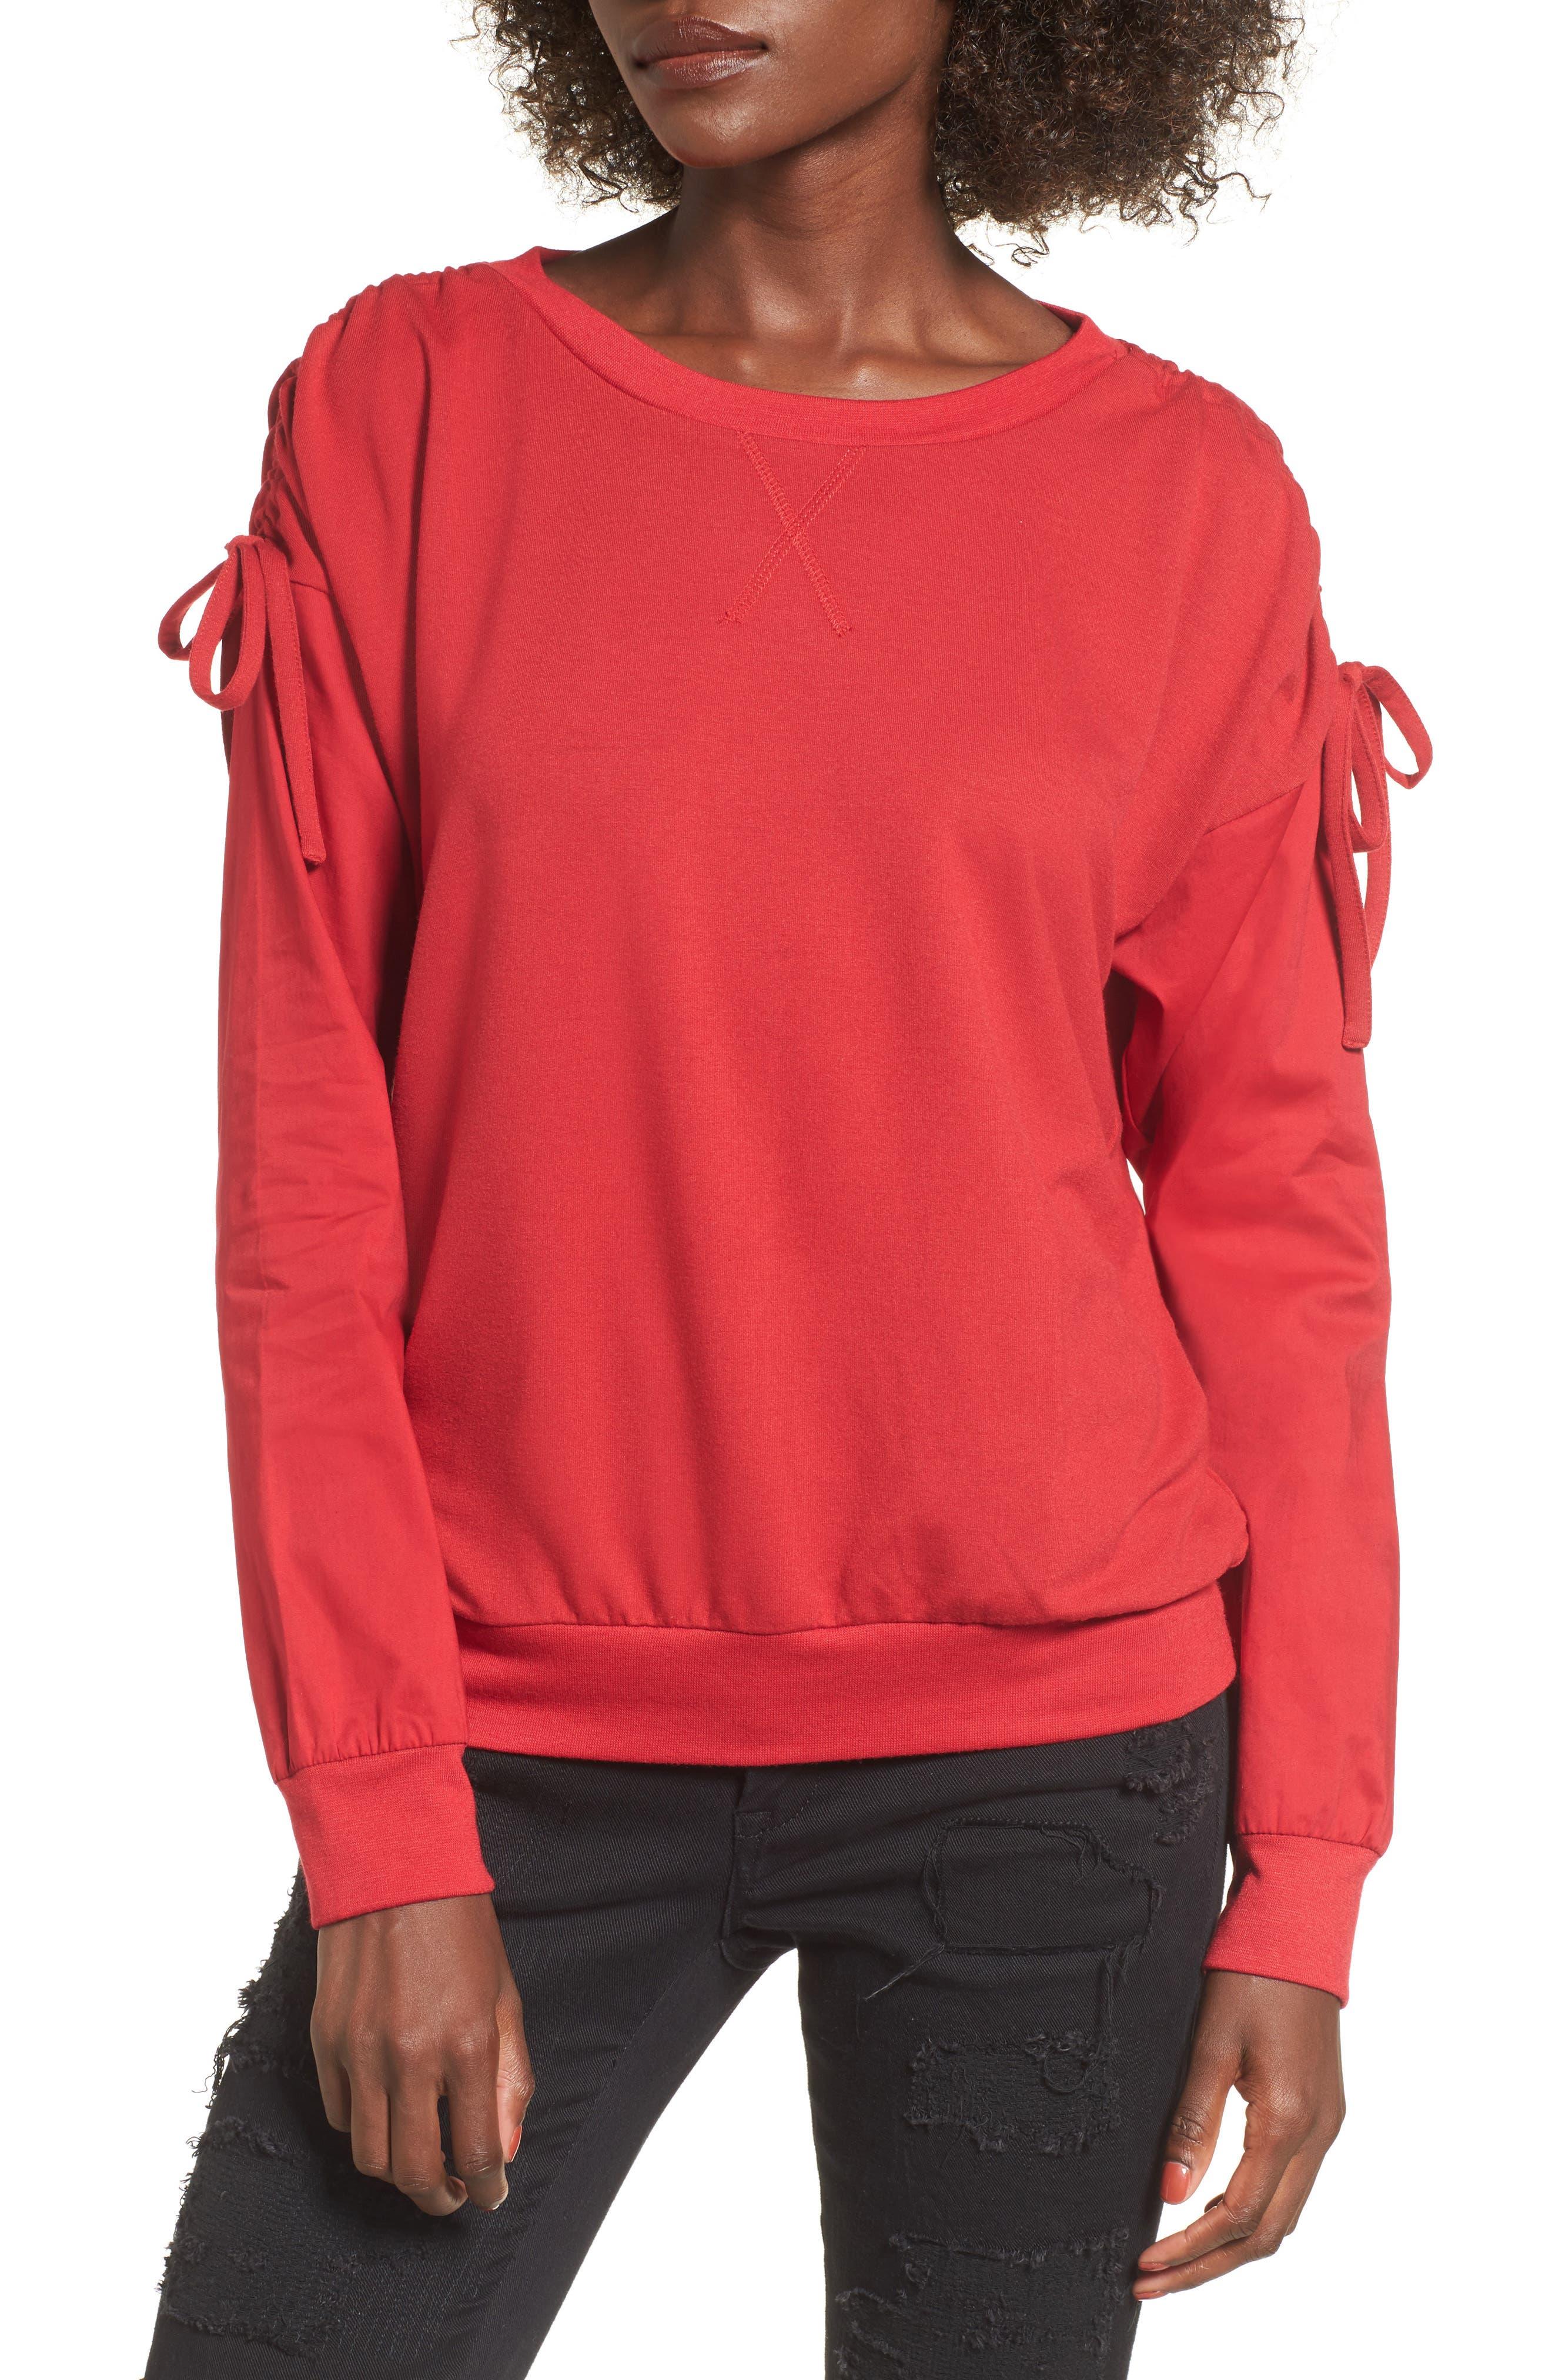 Alternate Image 1 Selected - Socialite Cinch Sleeve Sweatshirt